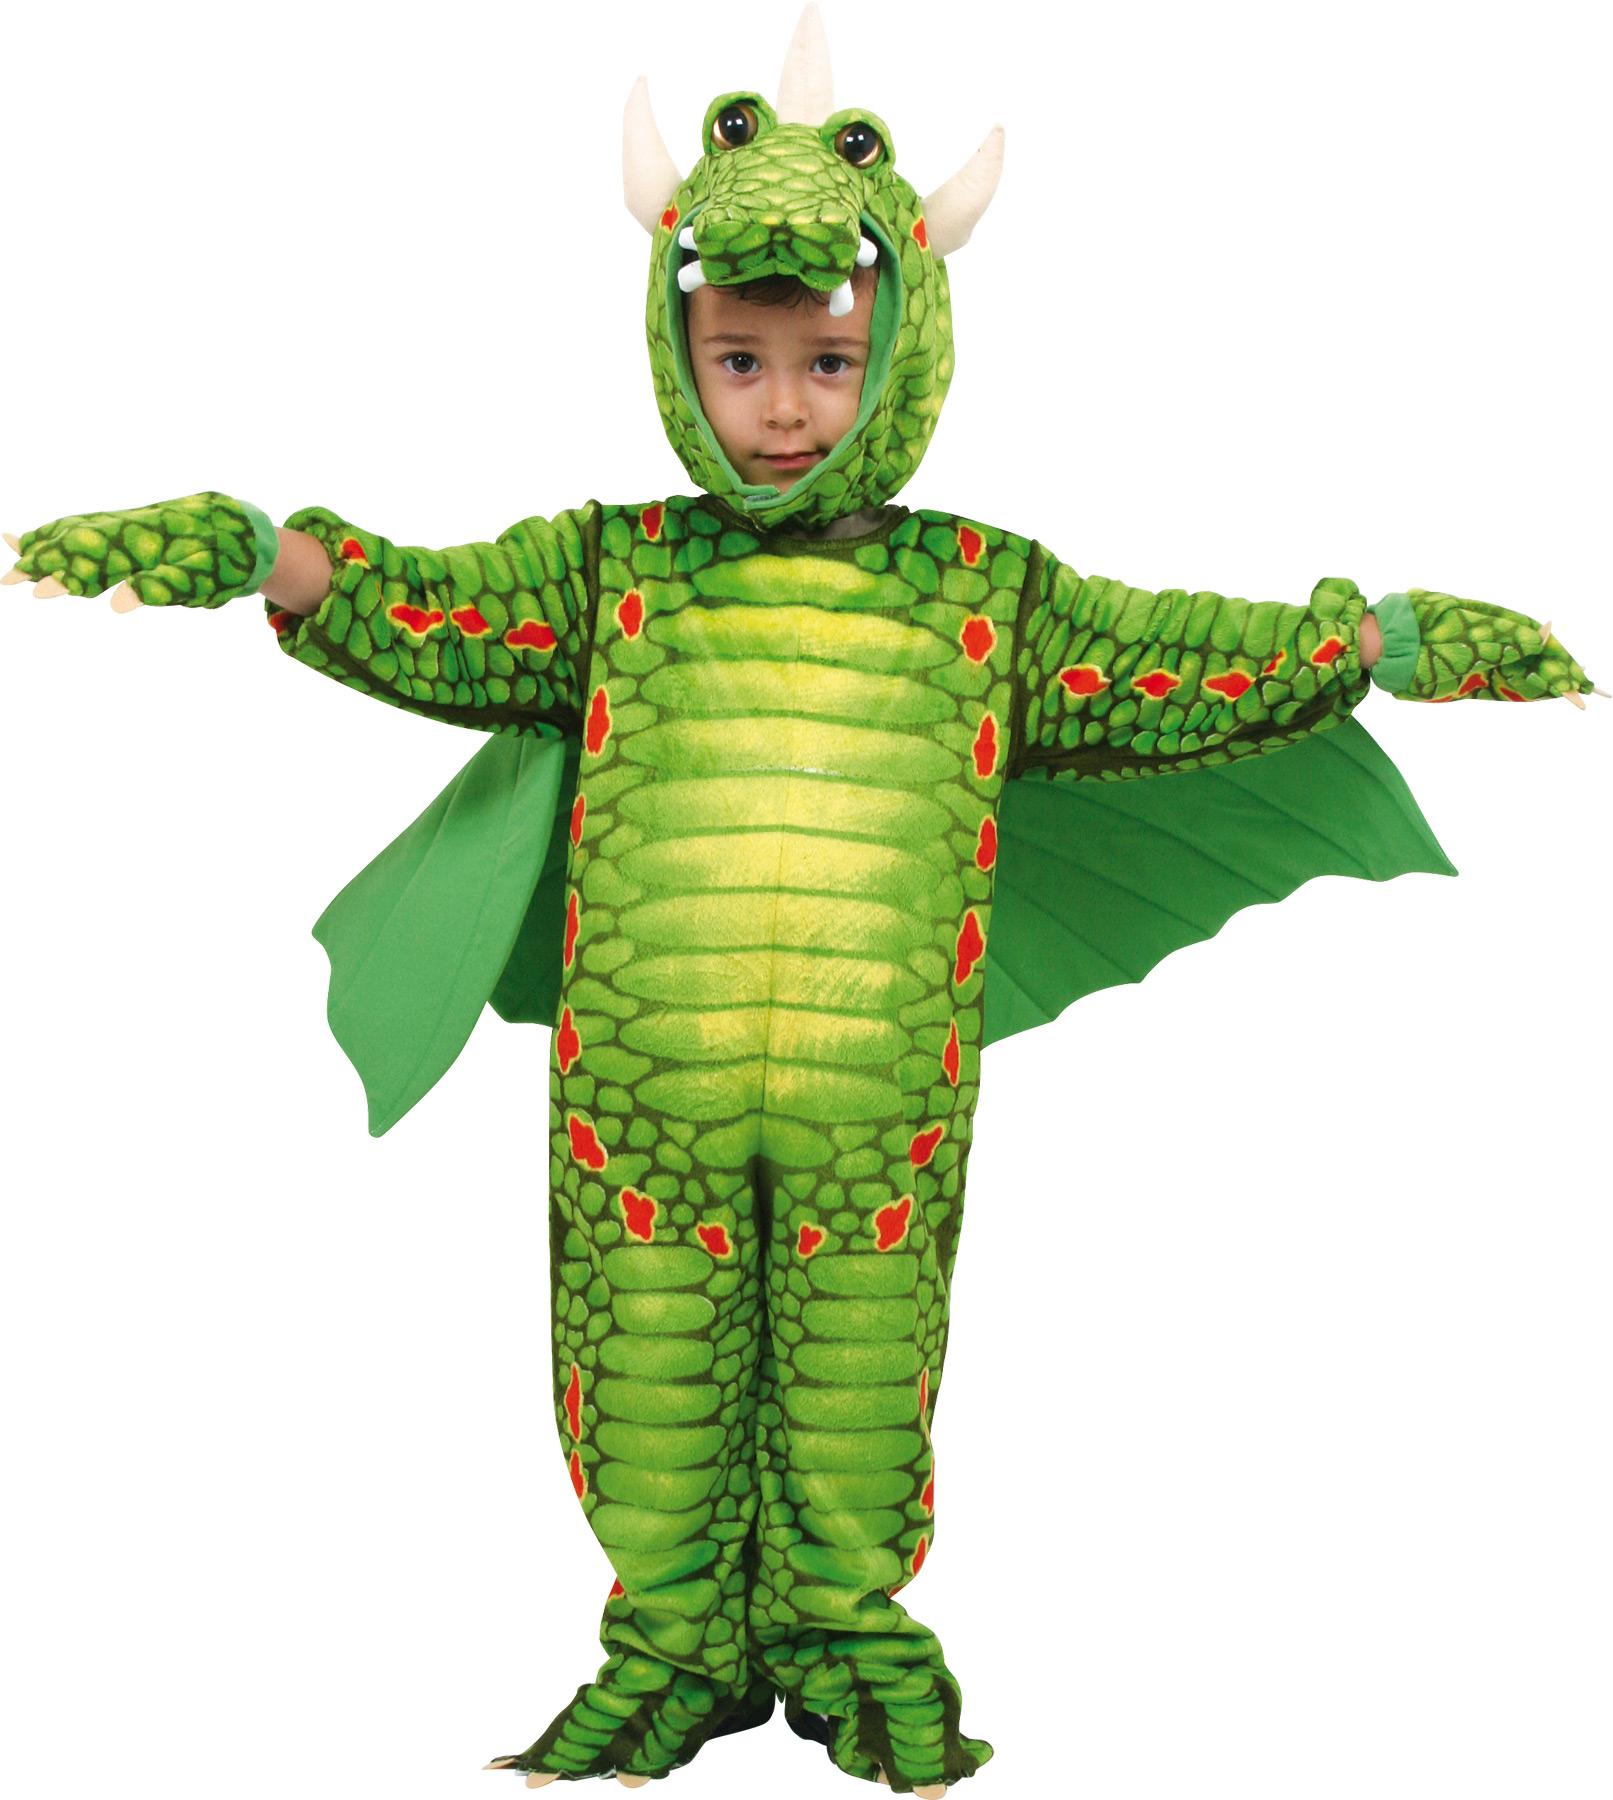 Karnavalinis kostiumas SMALL FOOT Drakonas vaikams nuo 2 metų (5636)